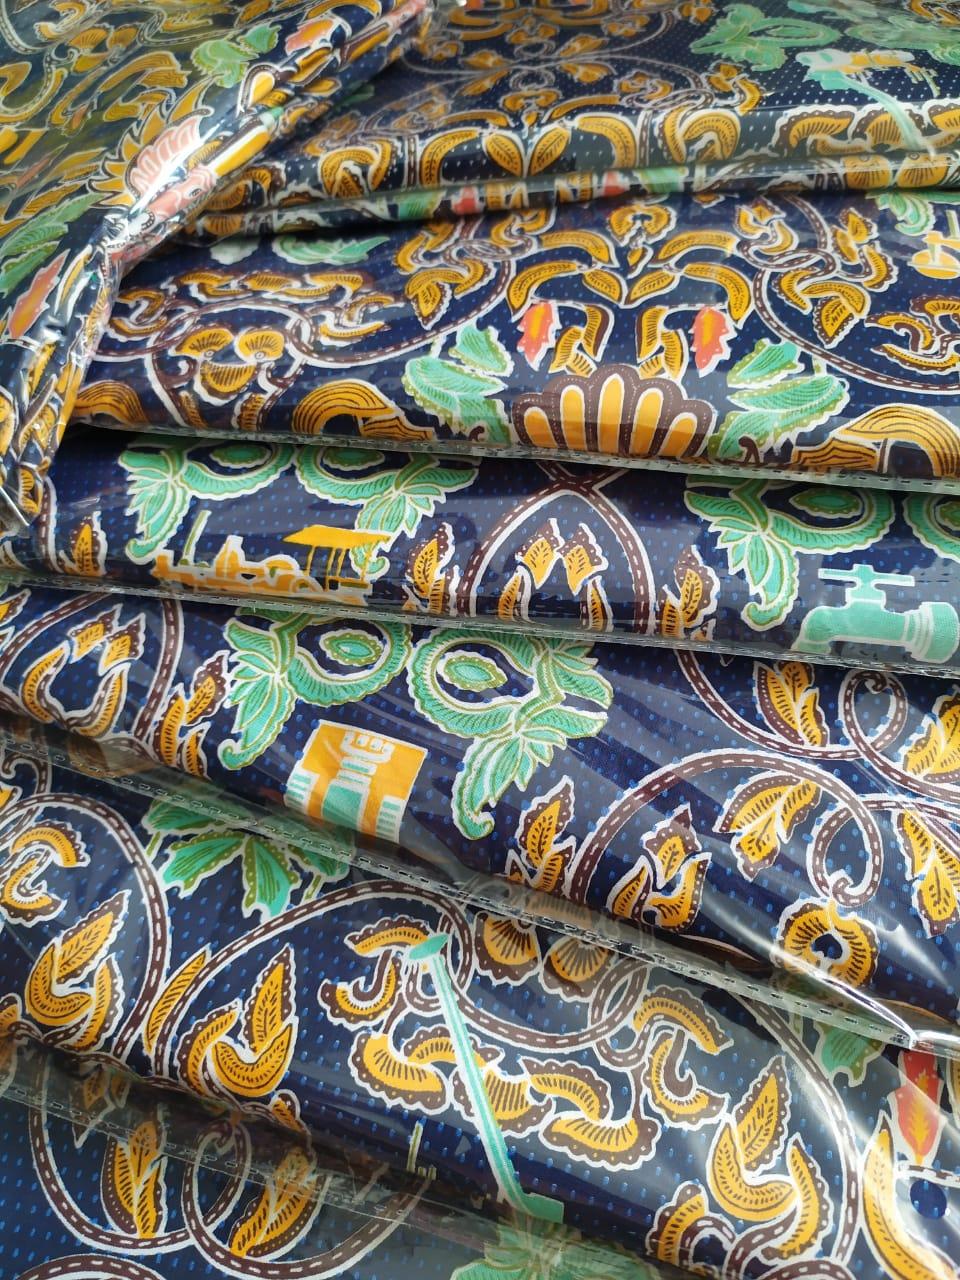 Produksi Seragam Batik Dinas PUPR Berkualitas Tinggi hanya bisa didapatkan di pabrik batik Kainbatikbagus. Kementerian Pekerjaan Umum dan Perumahan Rakyat